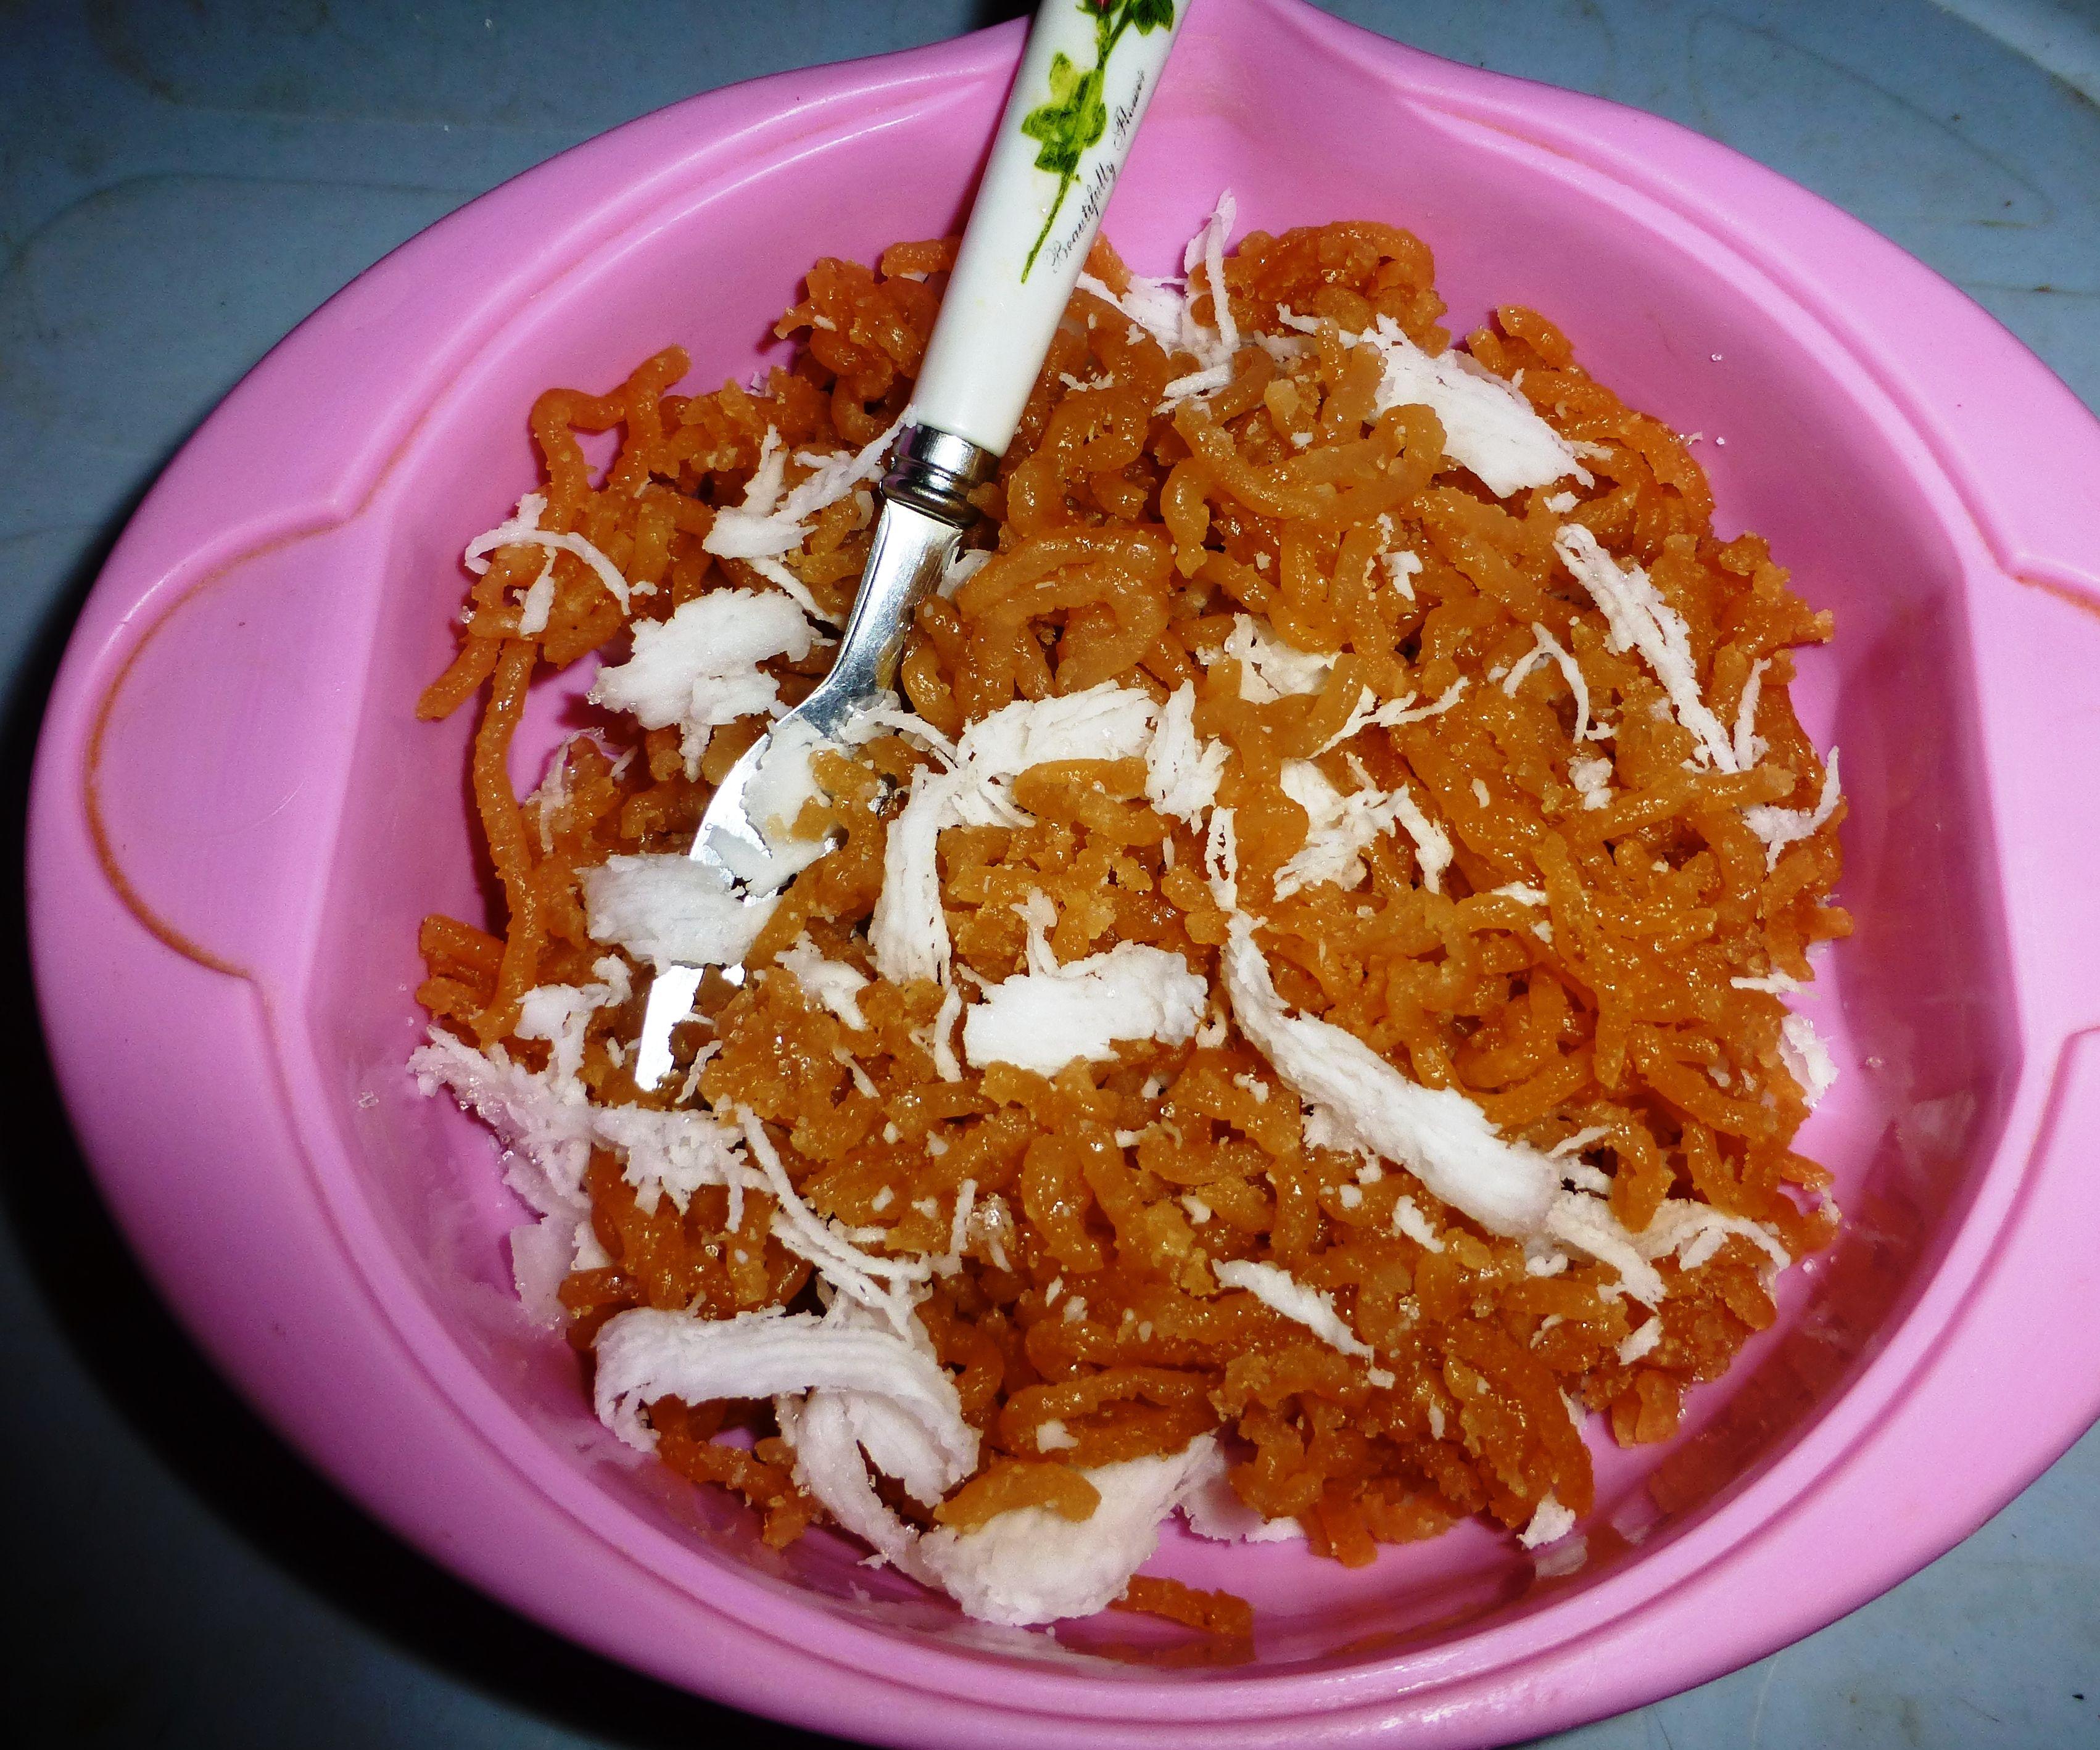 Apple Noodles